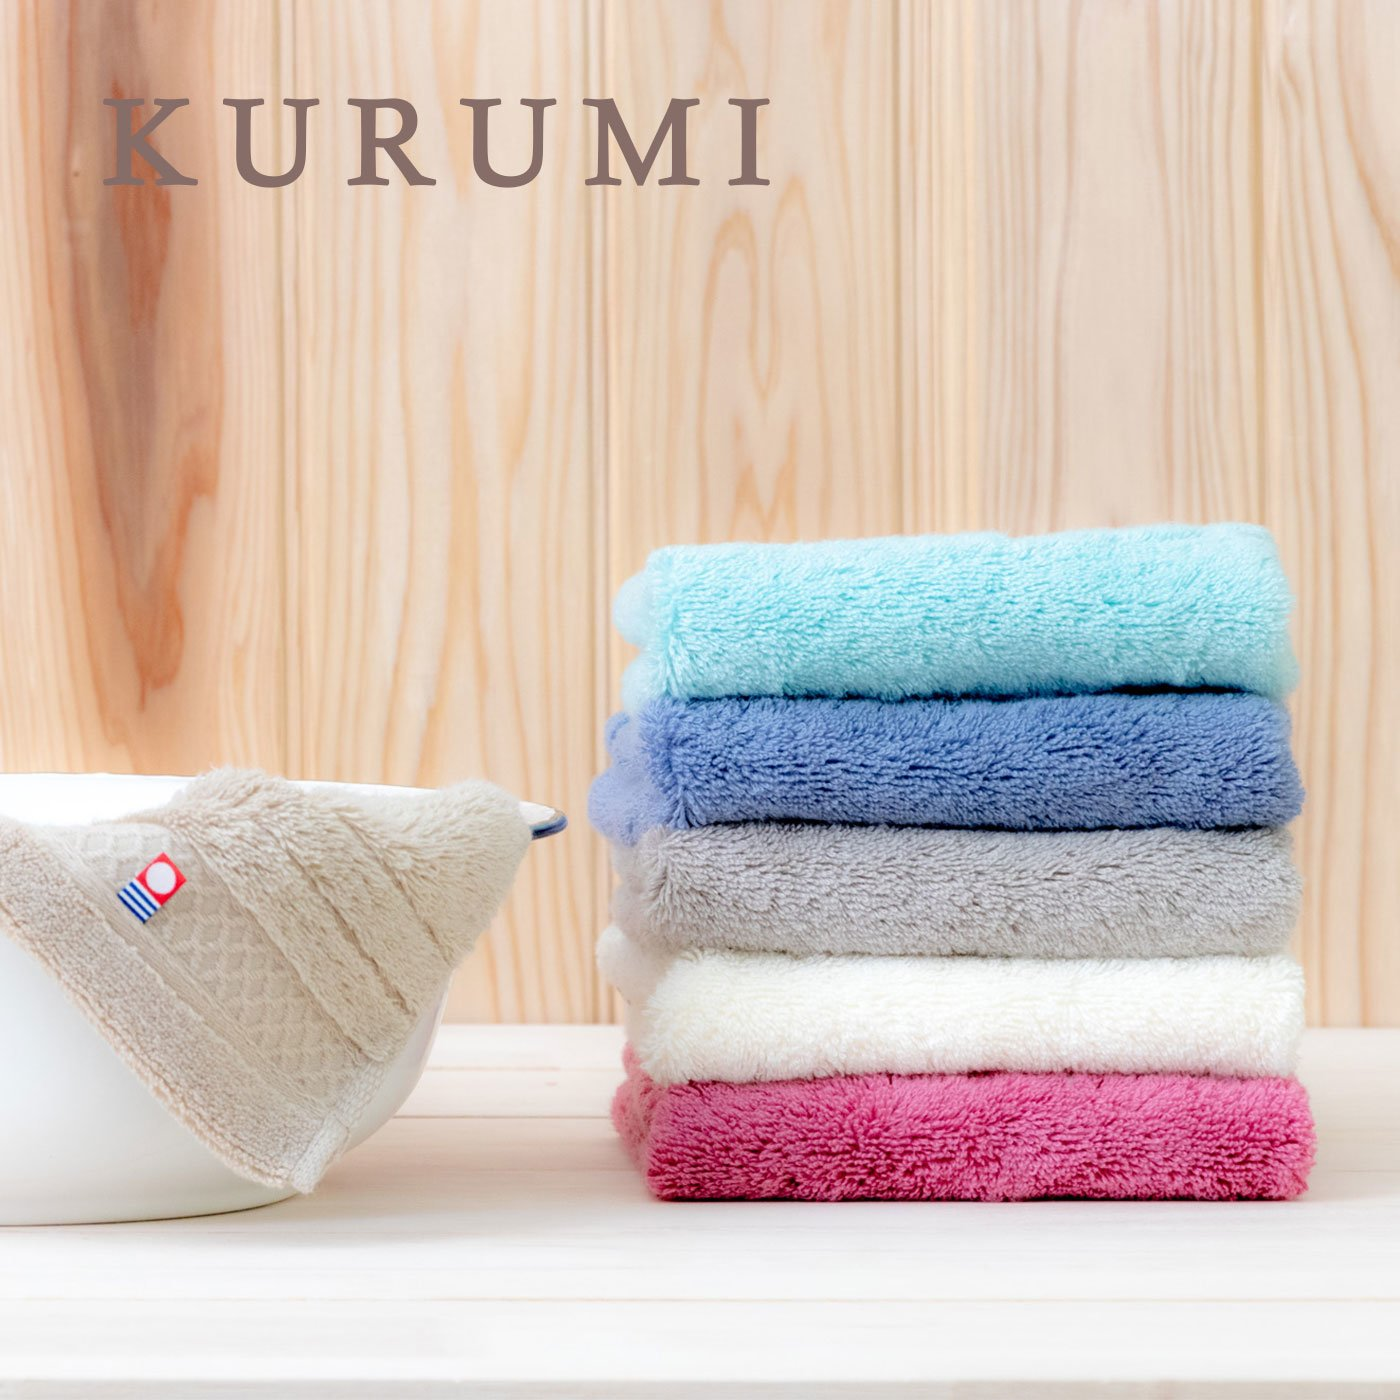 肌ざわり、ボリューム、吸水性に満足! KURUMI(くるみ)フェイスタオル